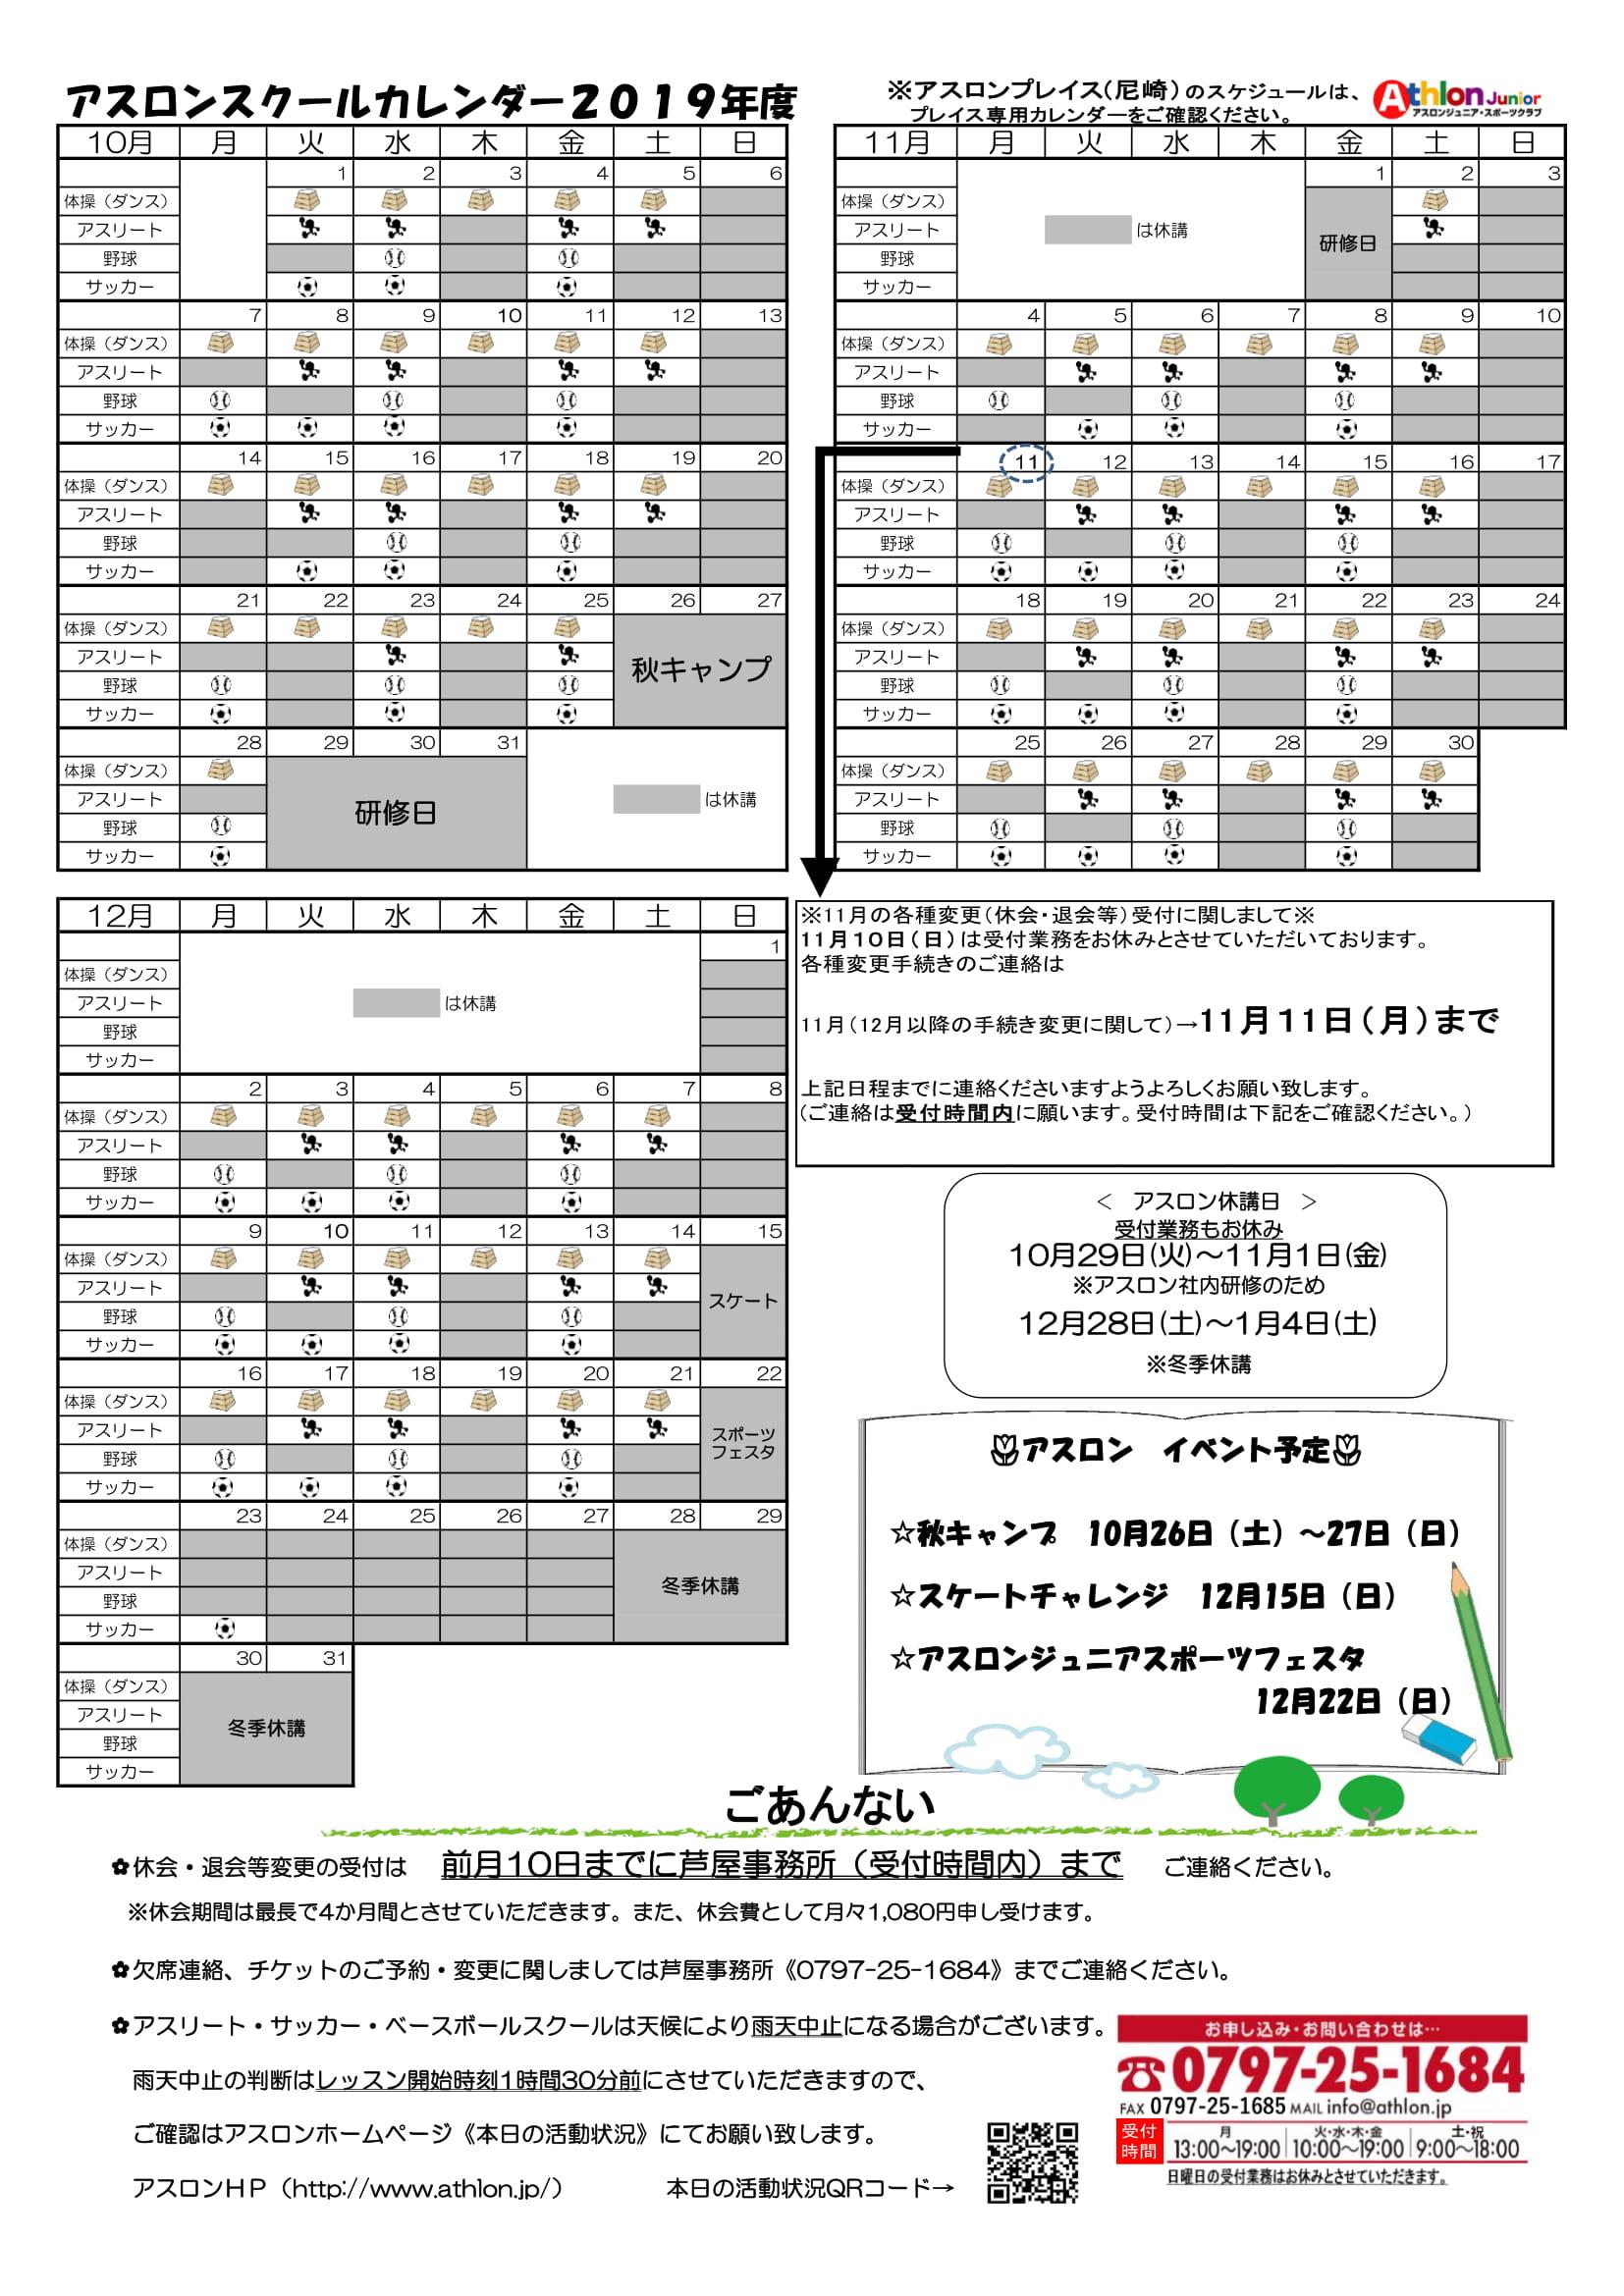 2019年101112月カレンダー アスロン